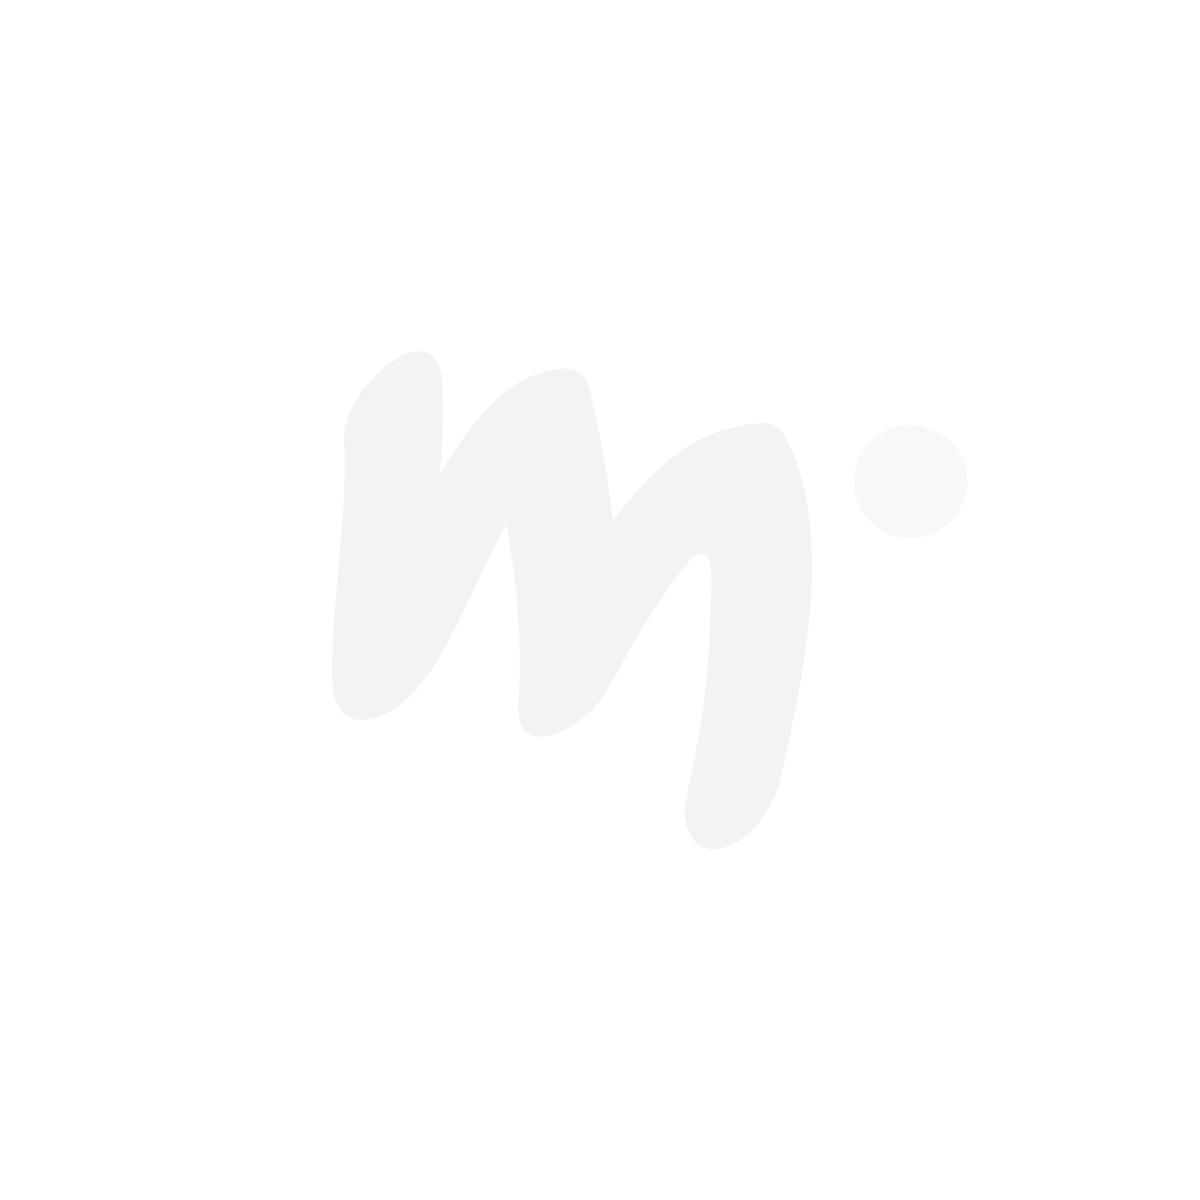 Mx Home Metallilankakori valkoinen 3 kpl